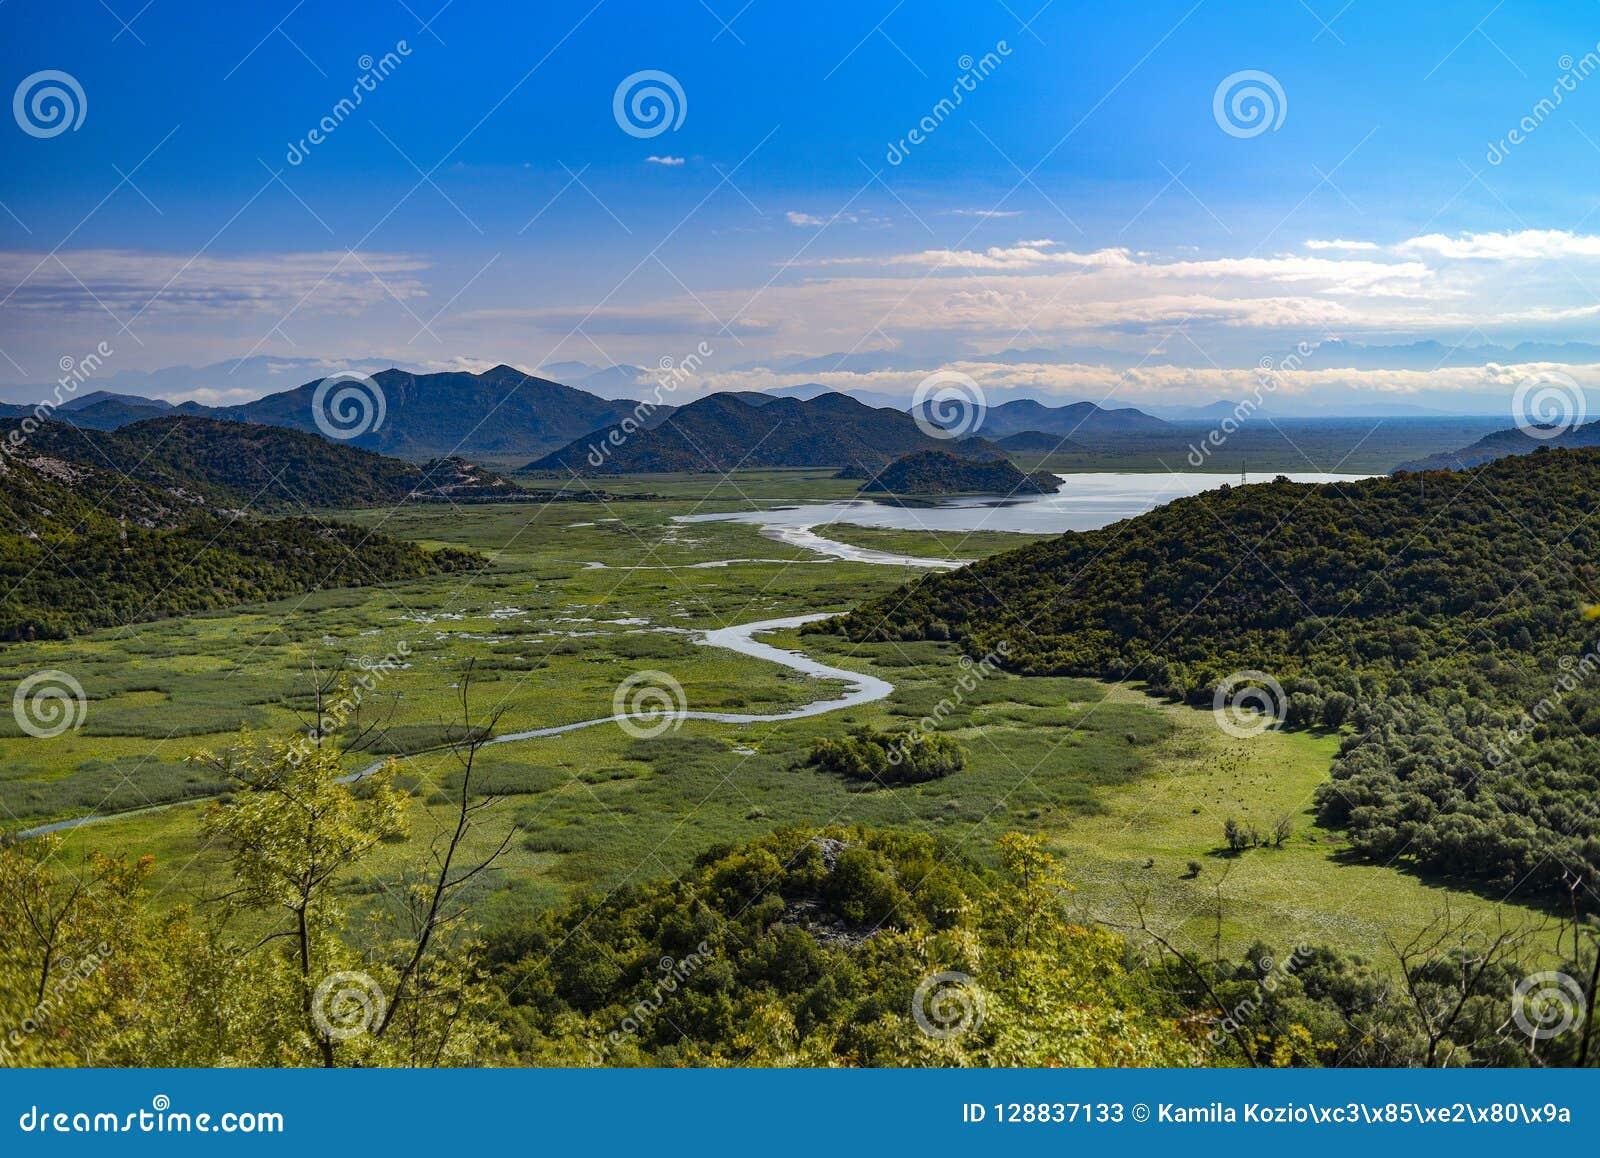 Paesaggio del fiume di Crnojevica nel Montenegro